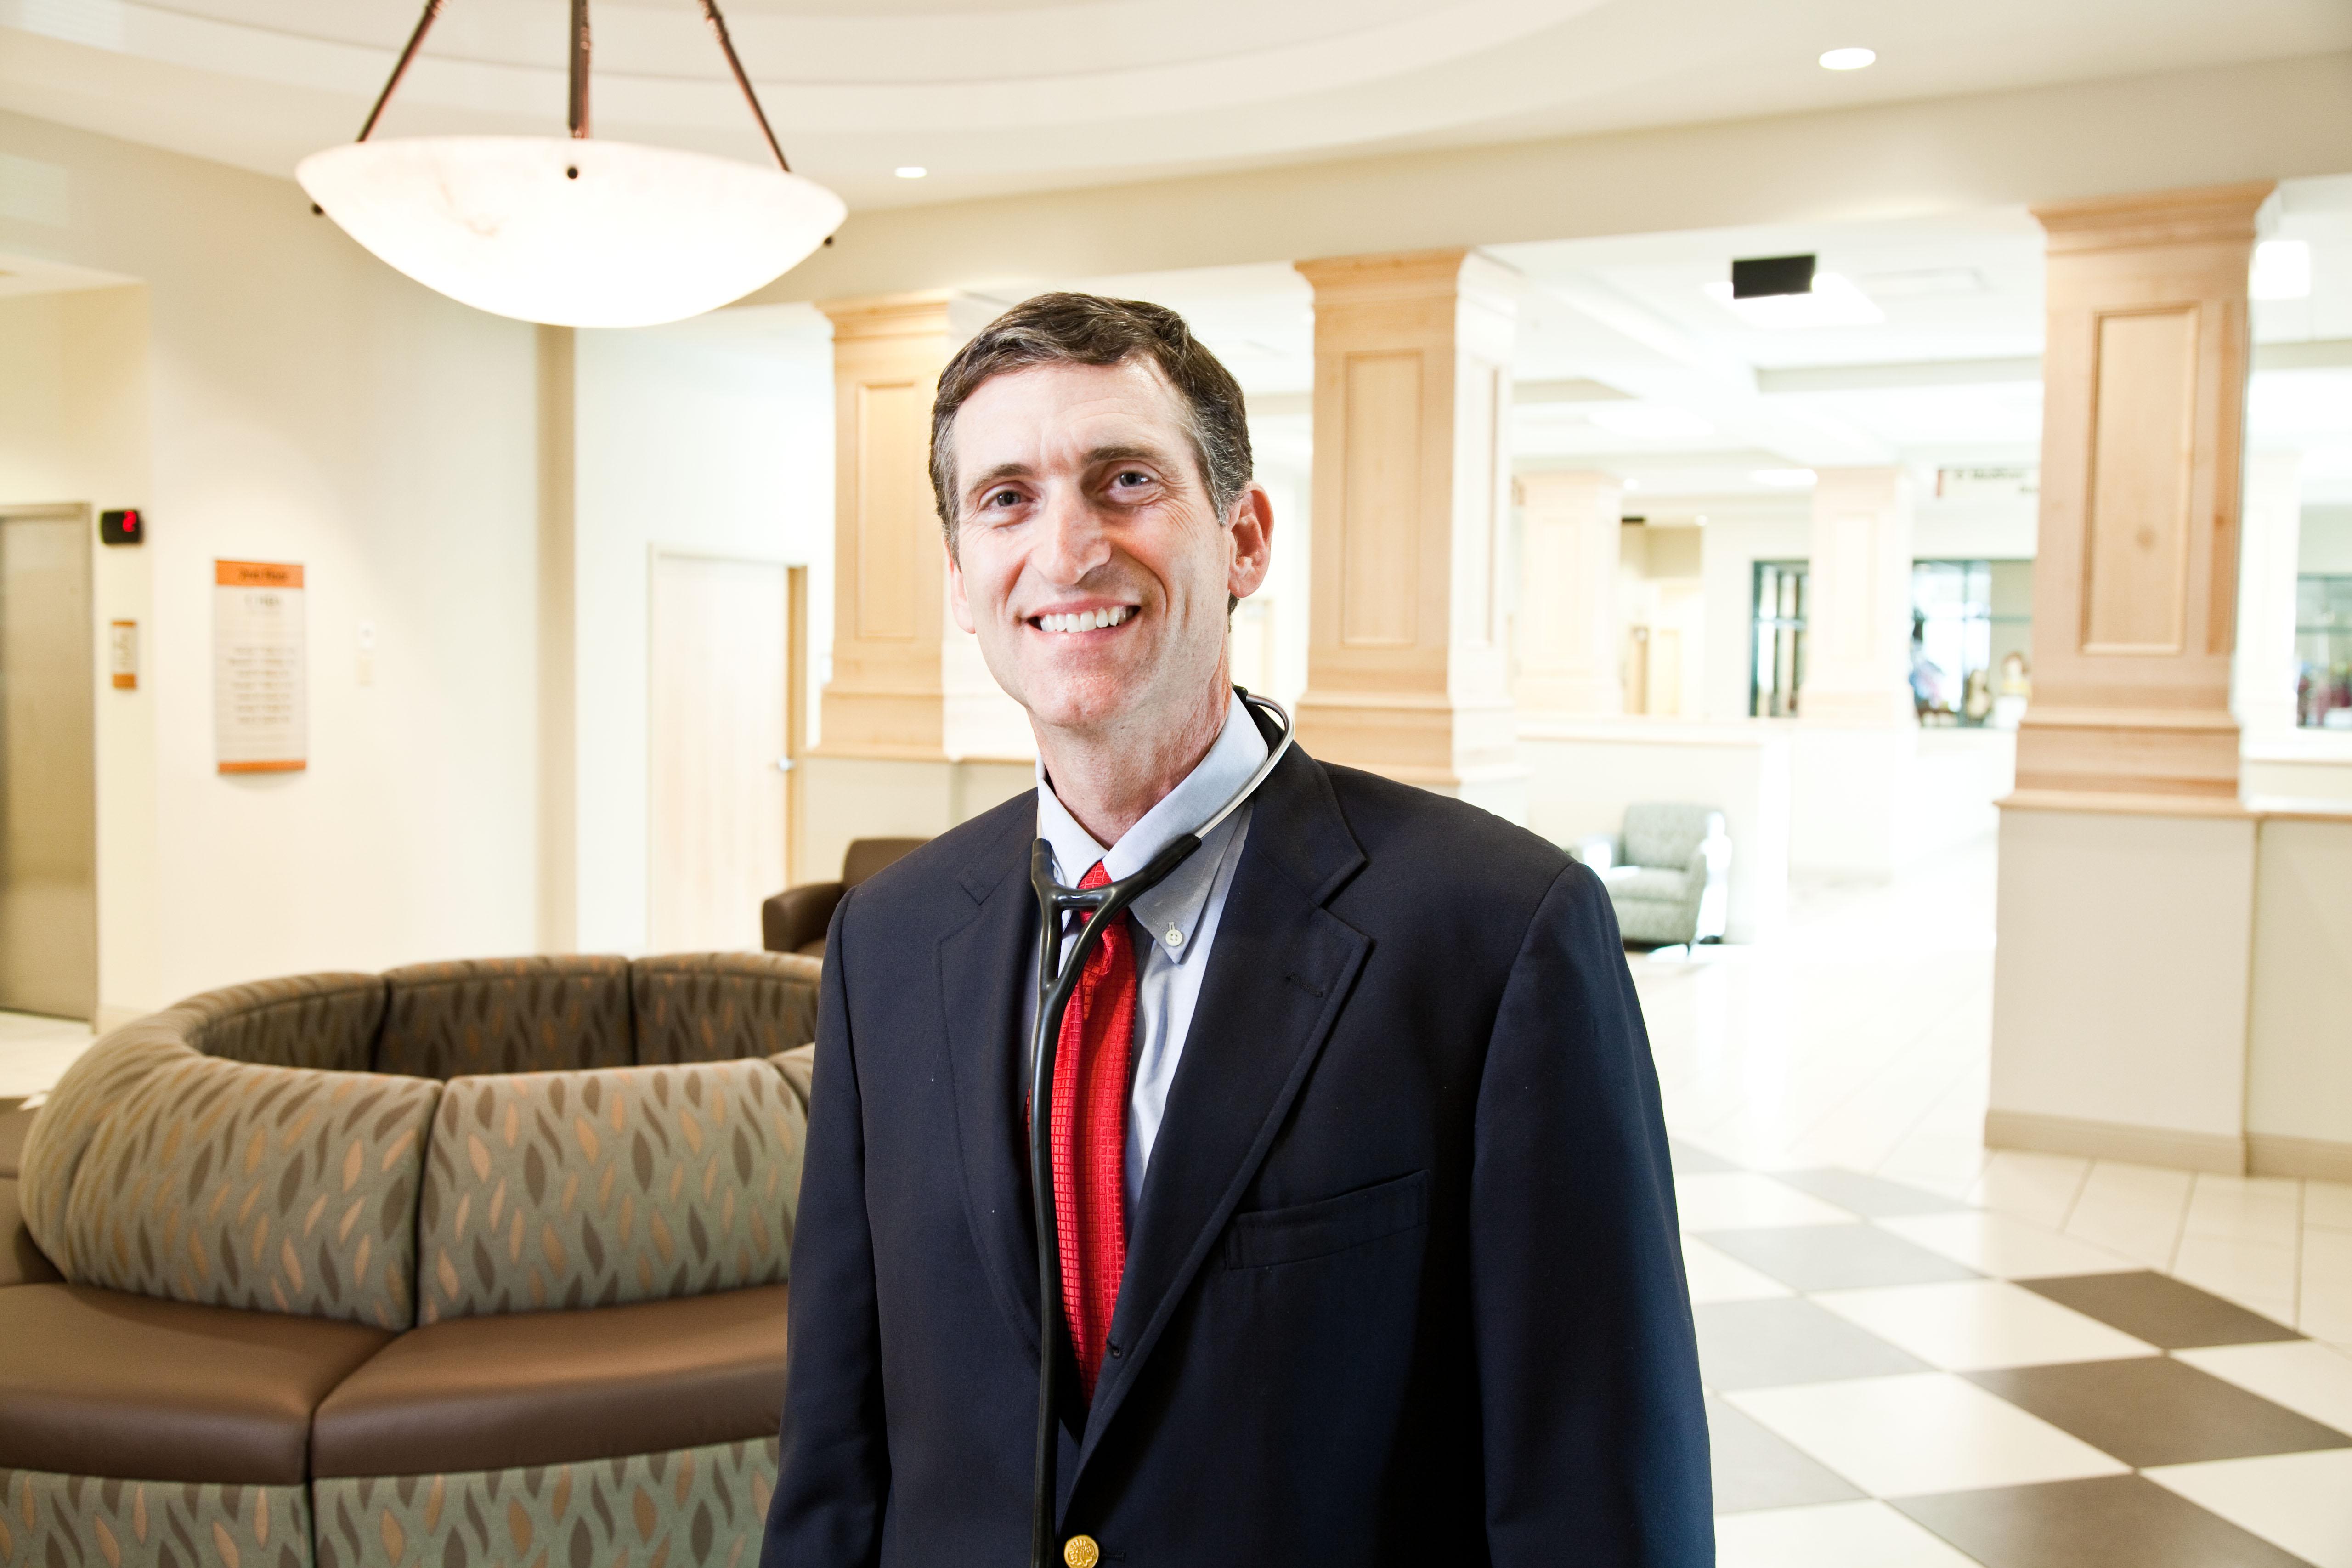 Dr. David Ellison